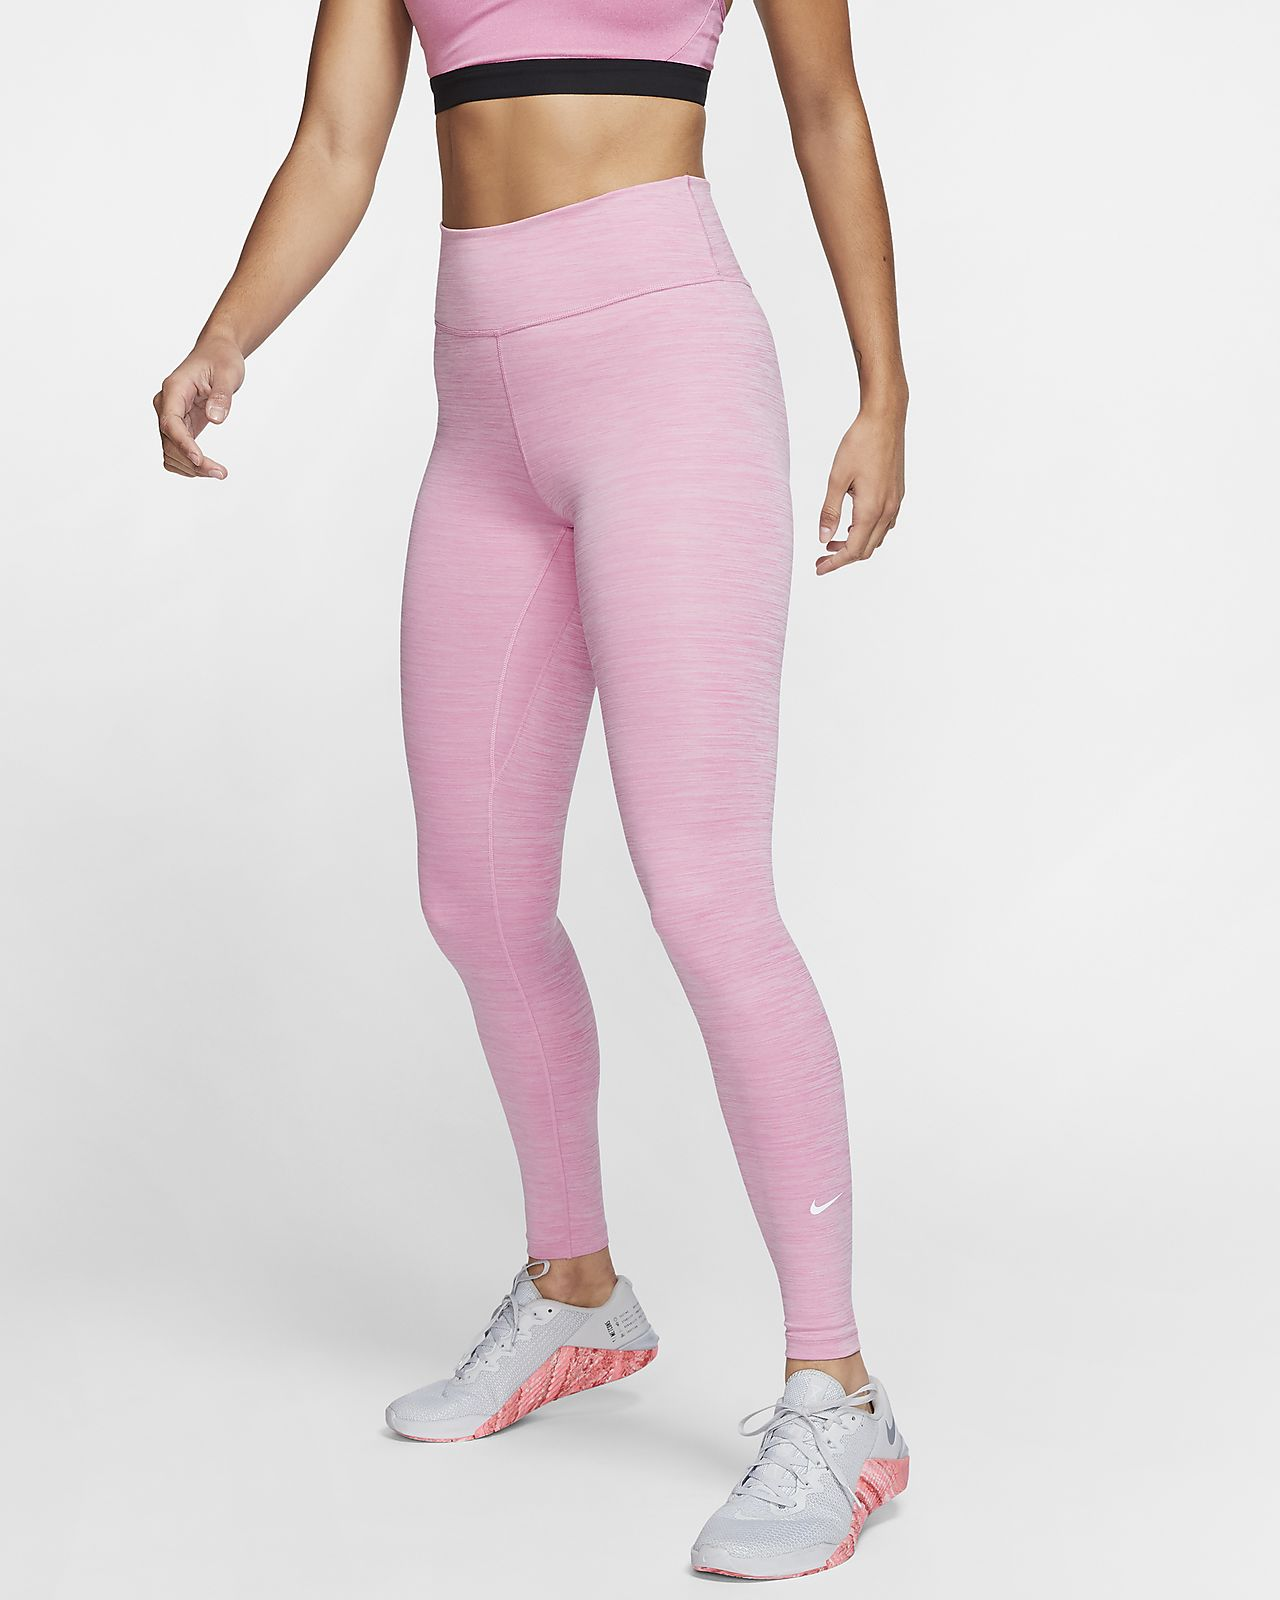 Nike One Damestights